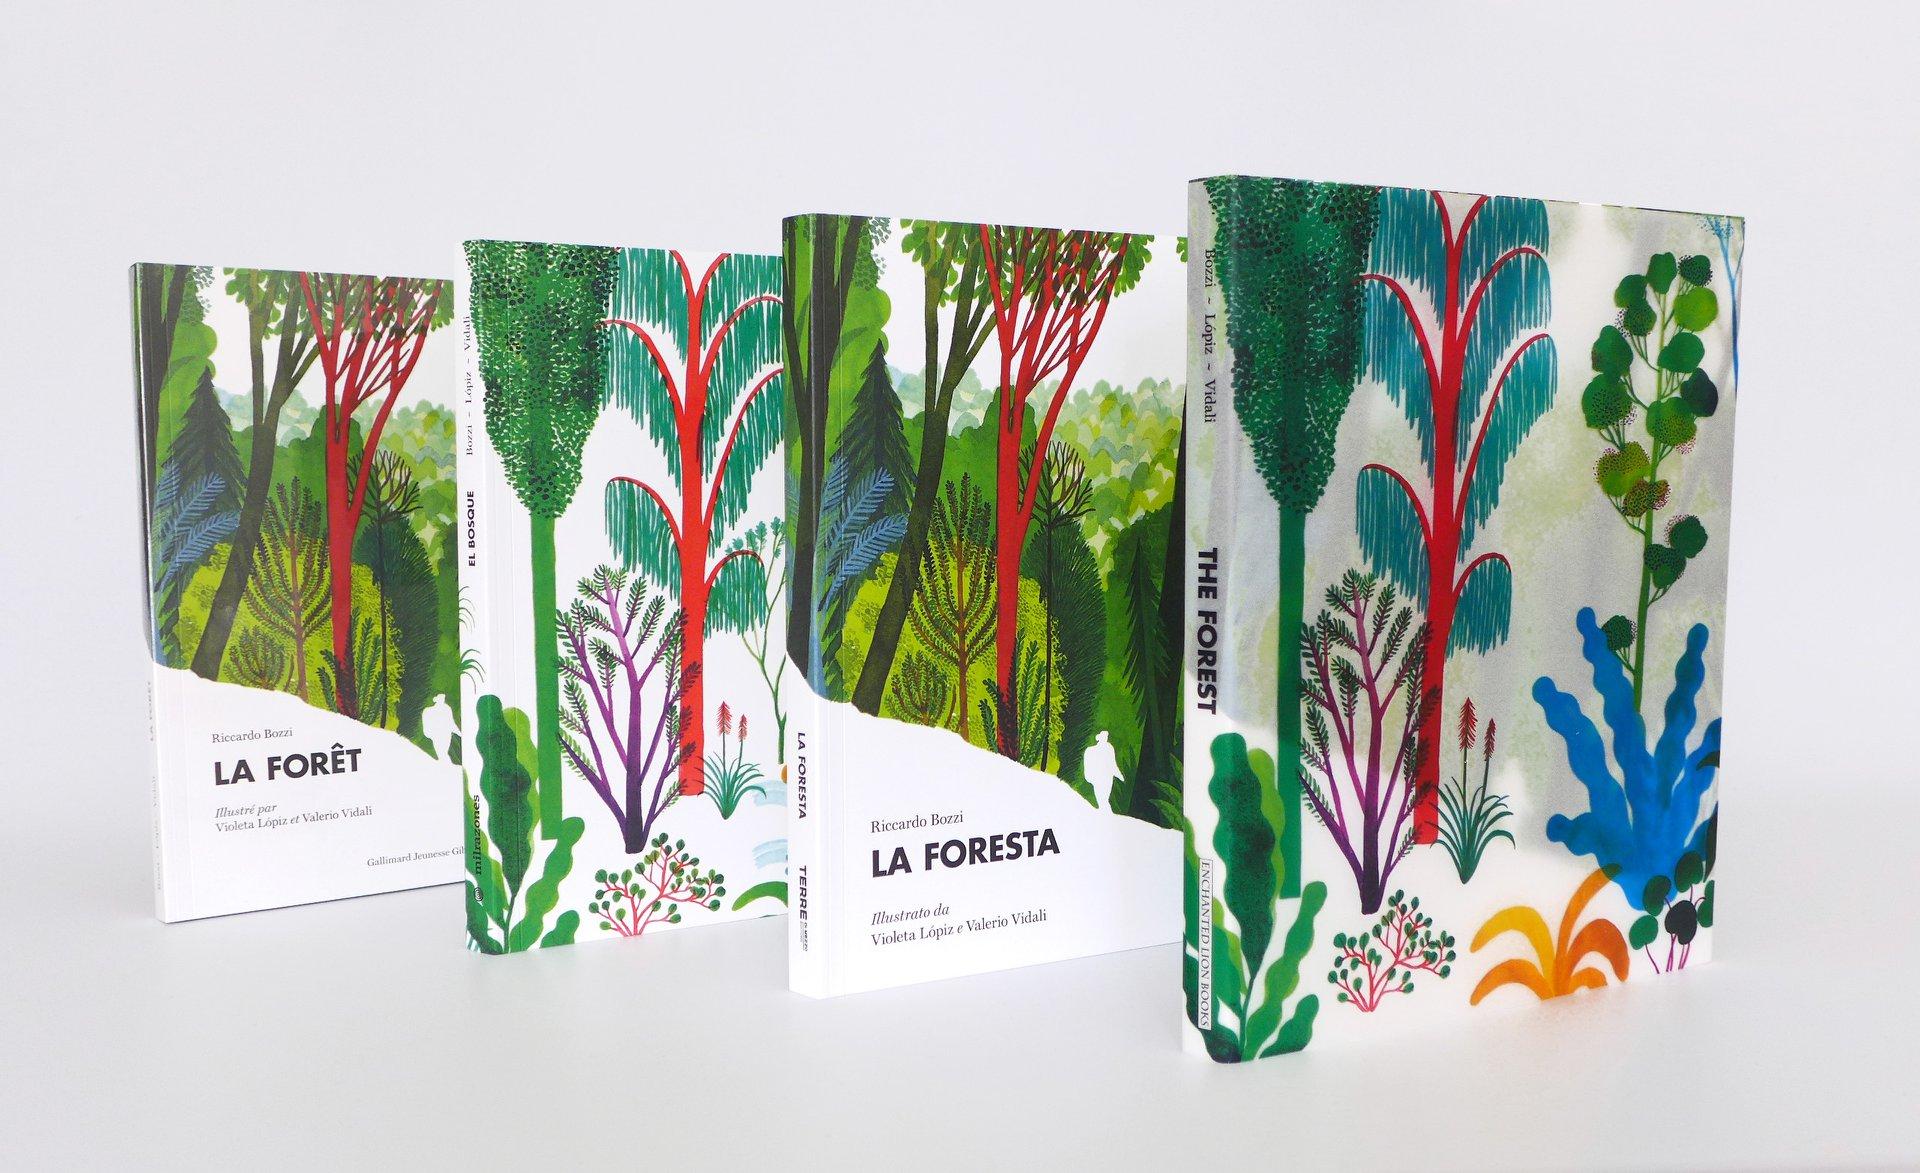 la_foresta_book_libro_violeta_lopiz_valerio_vidali